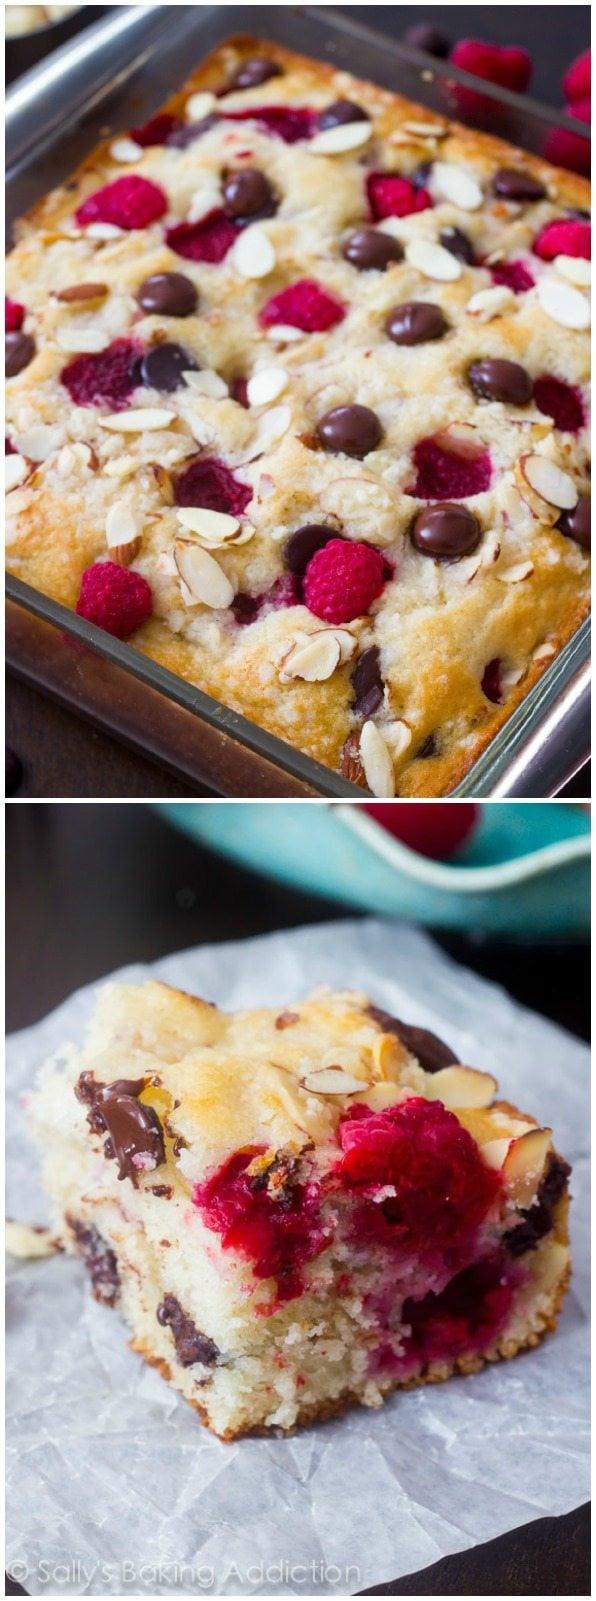 Juicy raspberries and dark chocolate come together in this simple, crowd-pleasing breakfast cake! @sallybakeblog